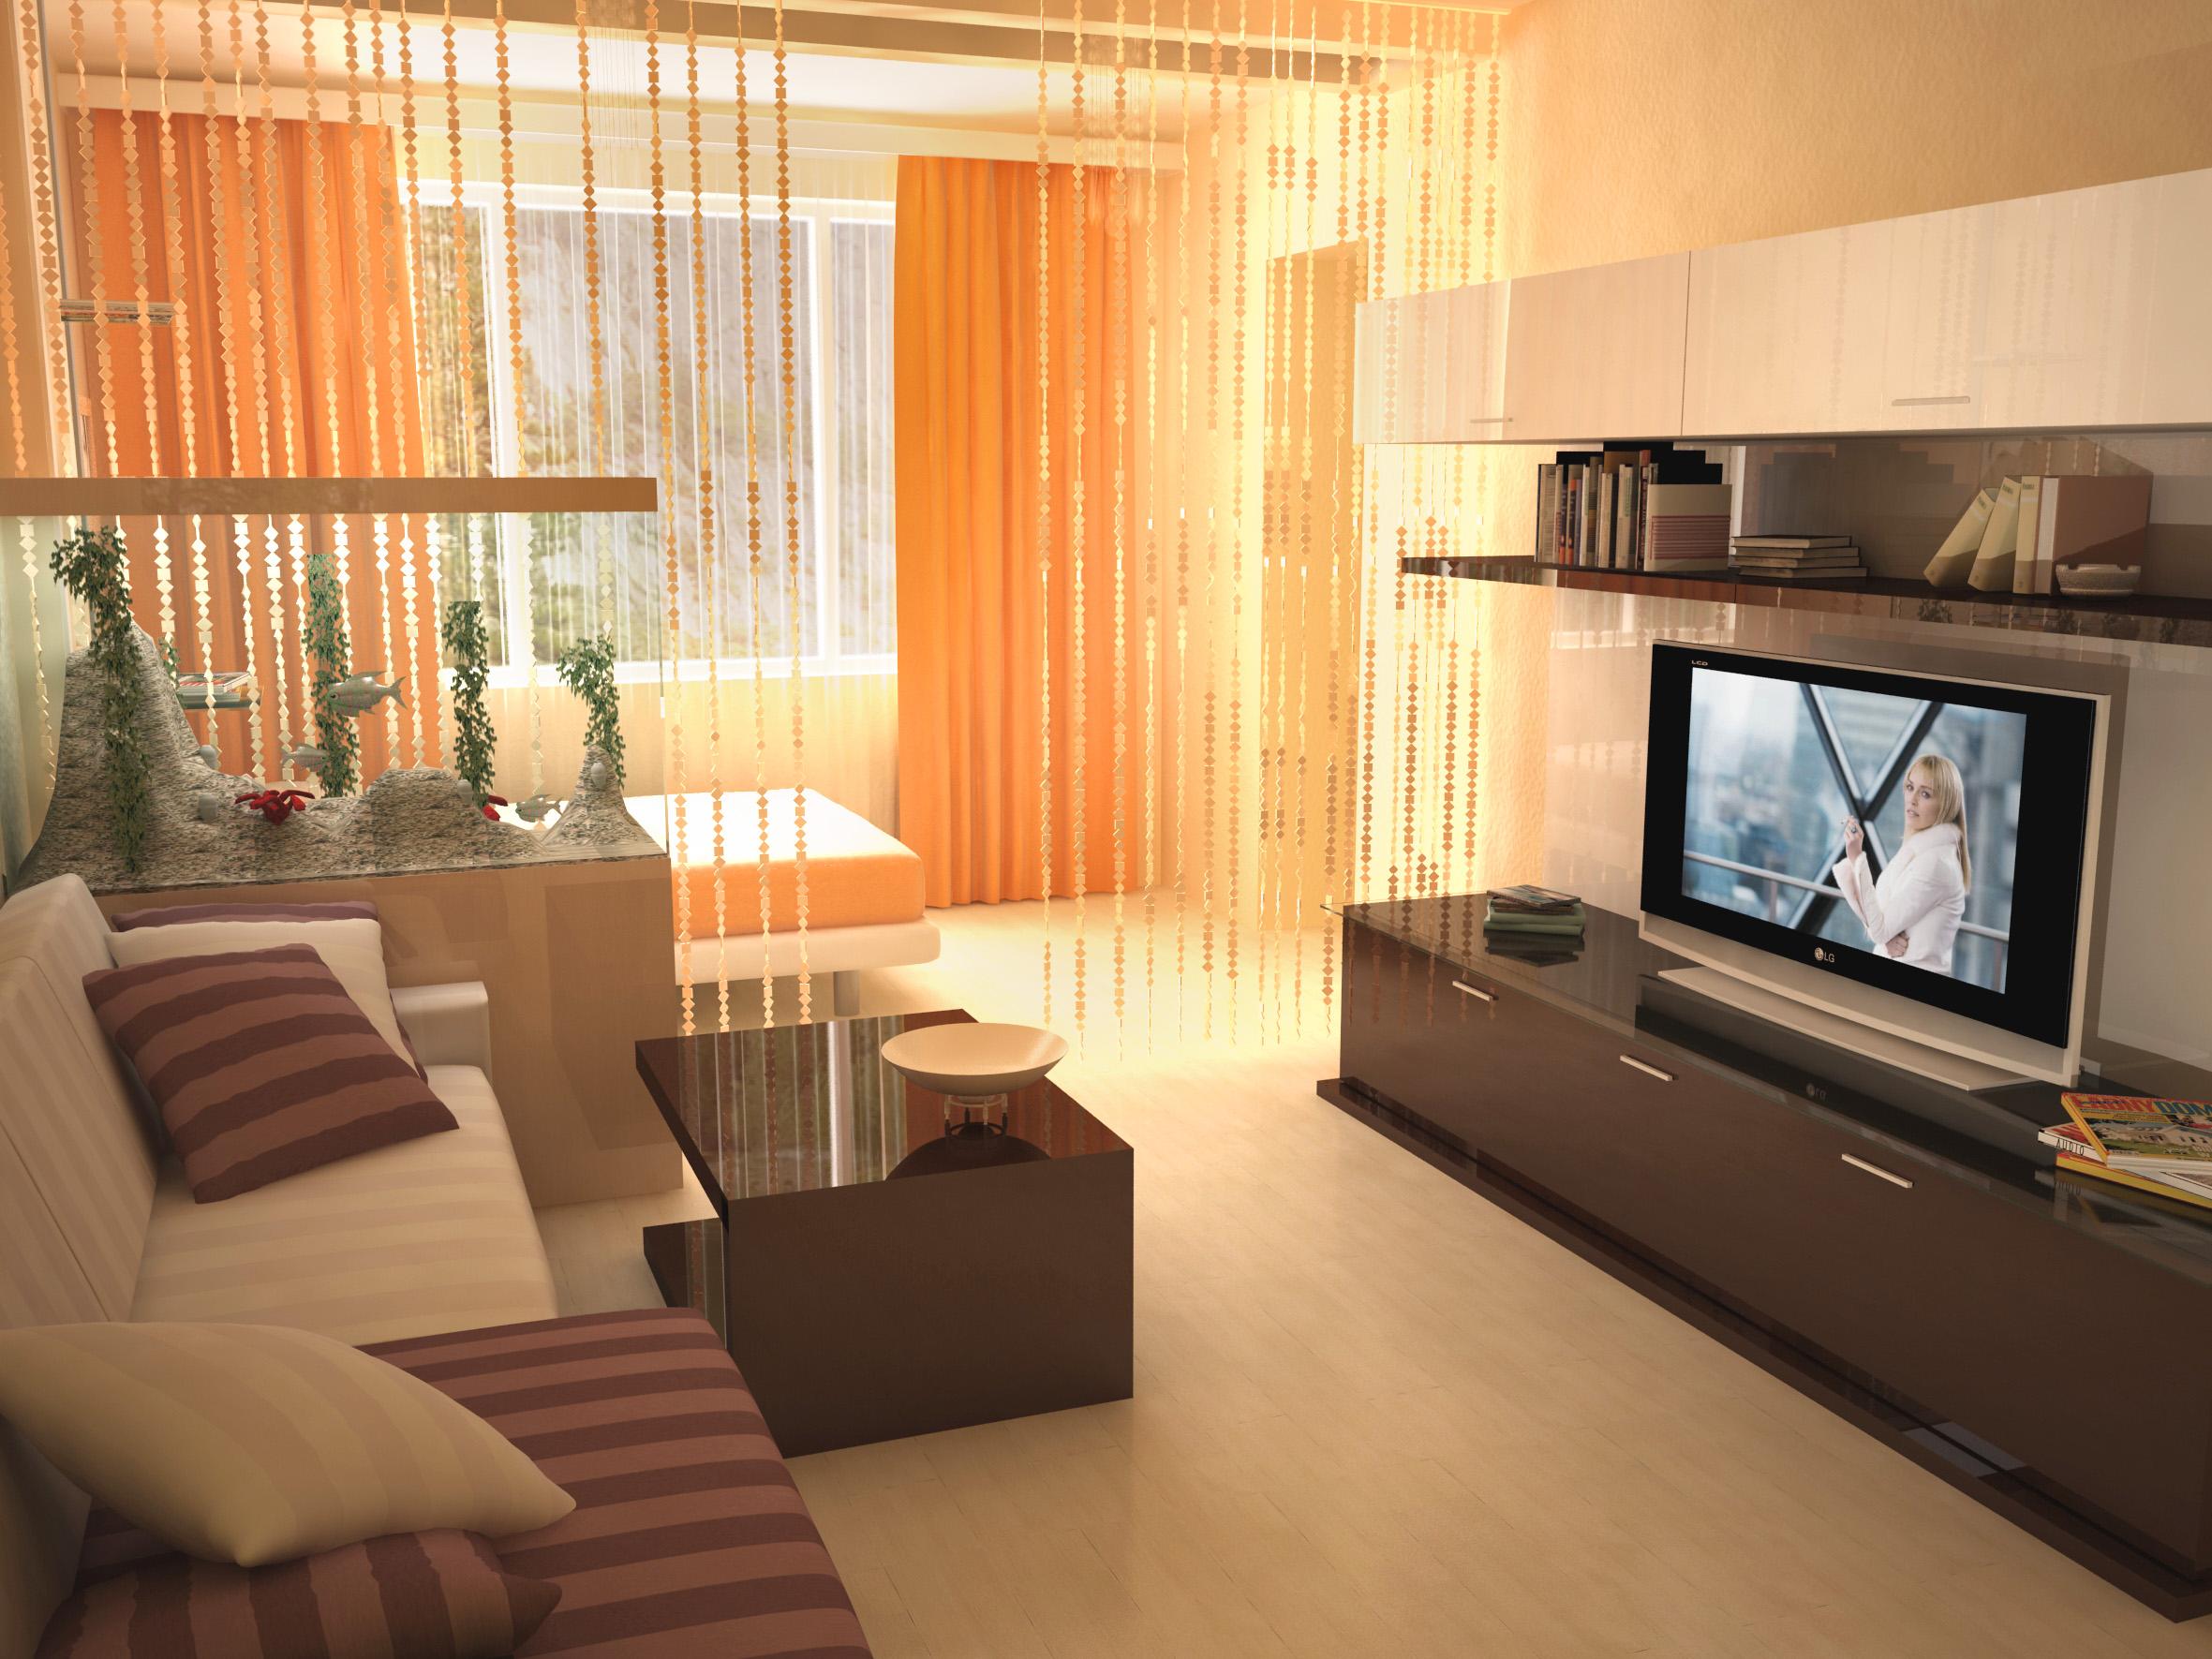 Интерьер в однокомнатной квартире с двумя окнами.